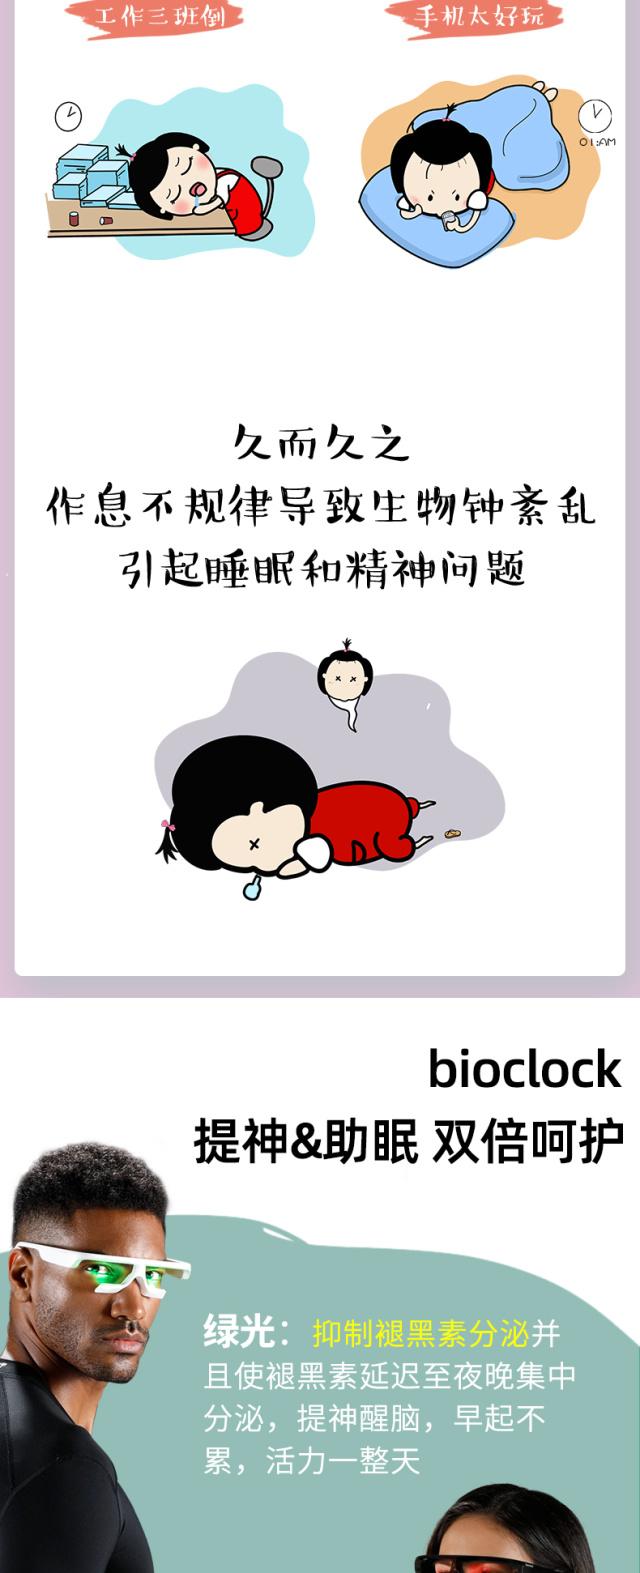 bioclock智能生物鐘眼鏡